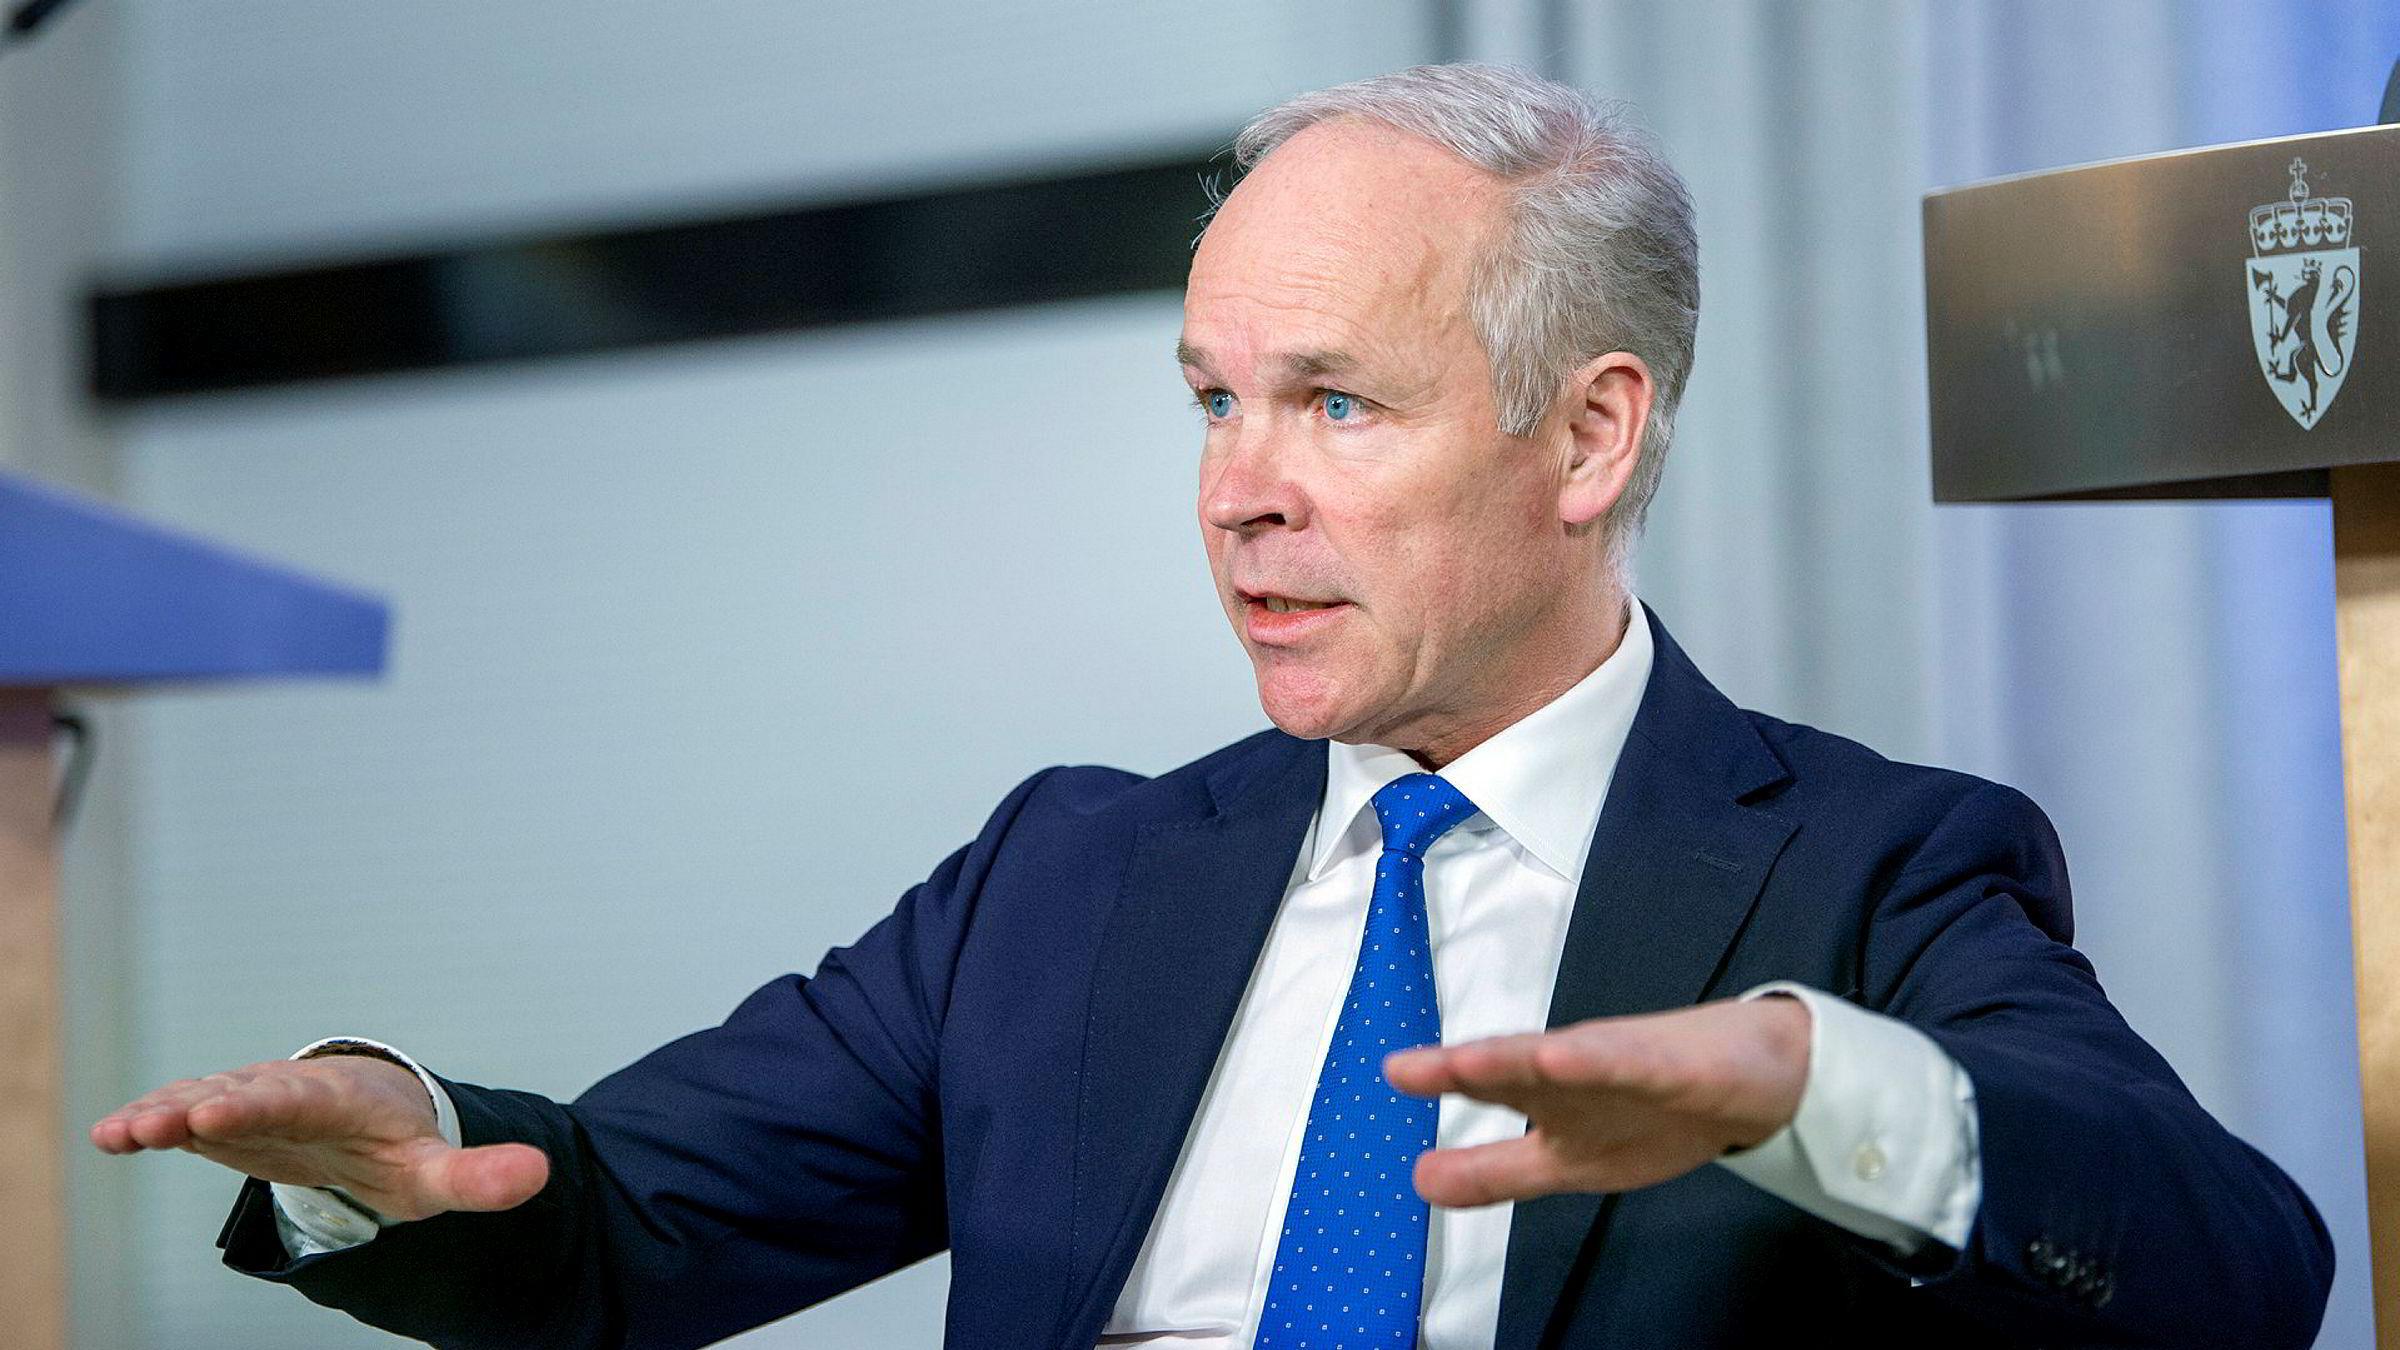 Den lange superkonjunkturen er trolig over nå for Norge. Da har vi ikke lenger råd til å leve på samme måte som før, hverken statlig eller privat, skriver Knut Anton Mork i kronikken. På bildet finansminister Jan Tore Sanner (H).